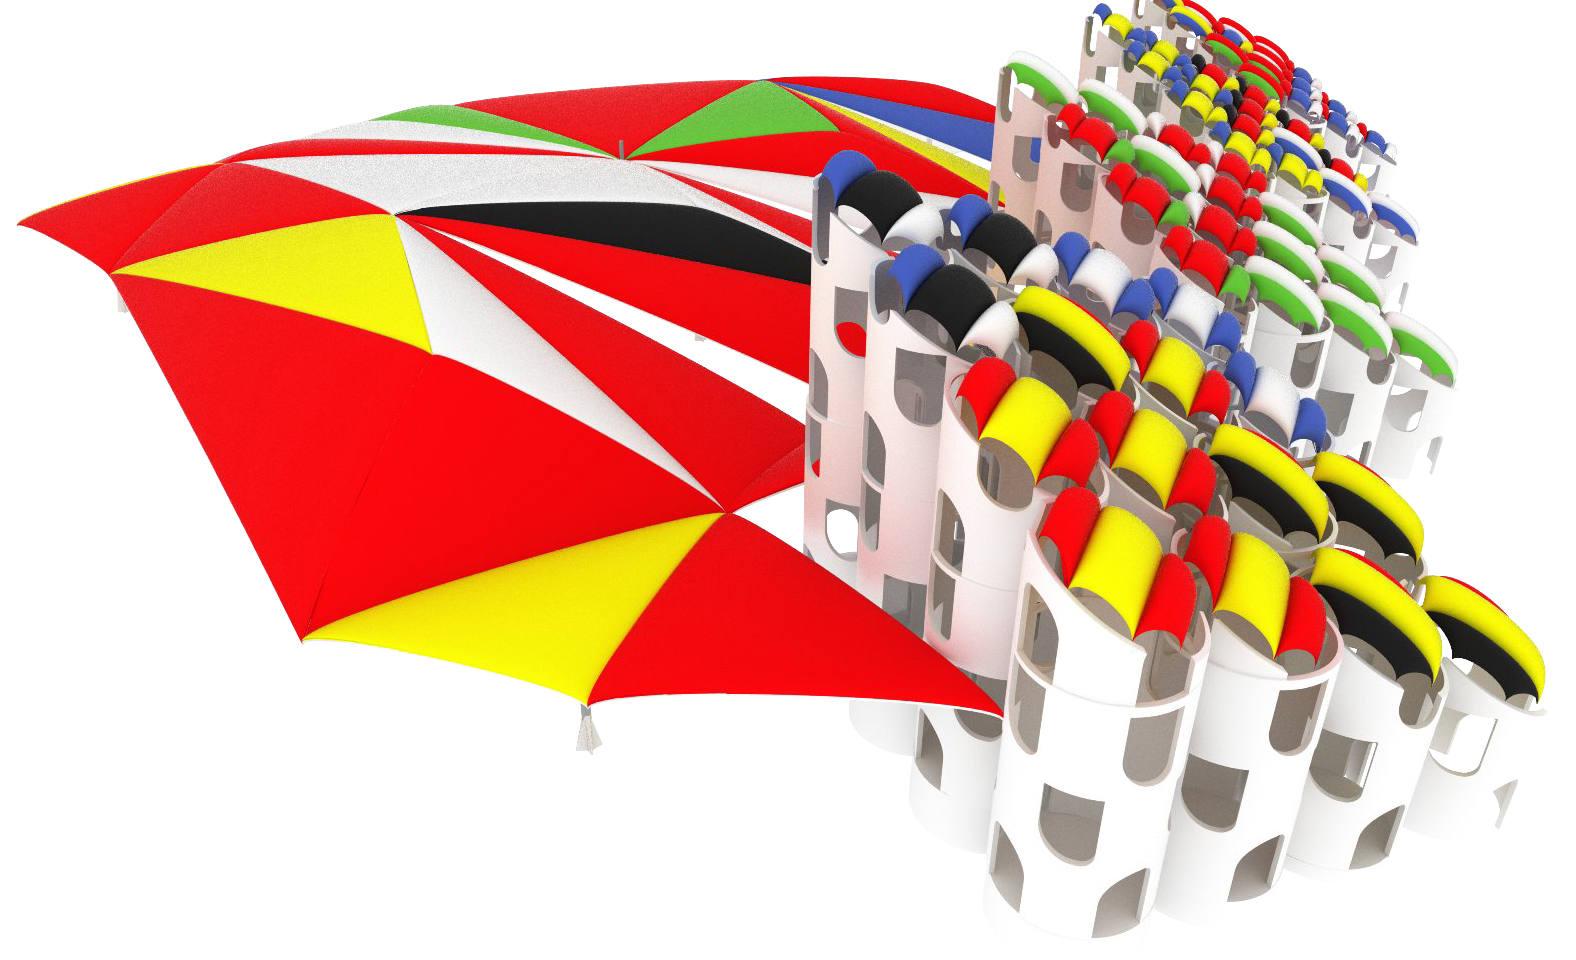 3D_44.jpg